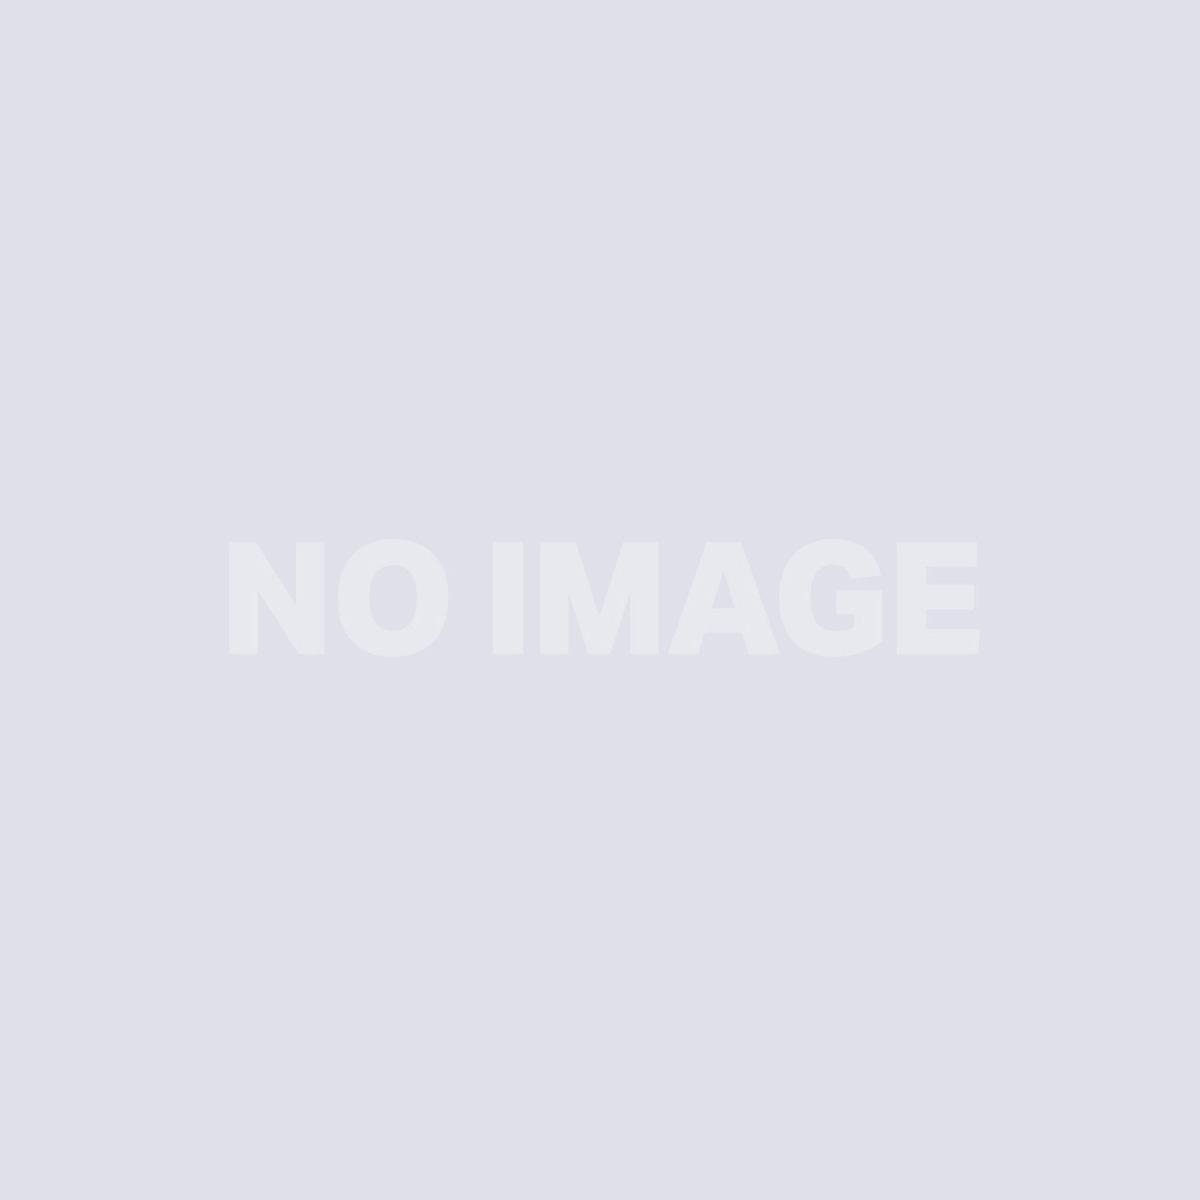 60/22 Black Polyamide Single Bolt Swivel Castor & Brake